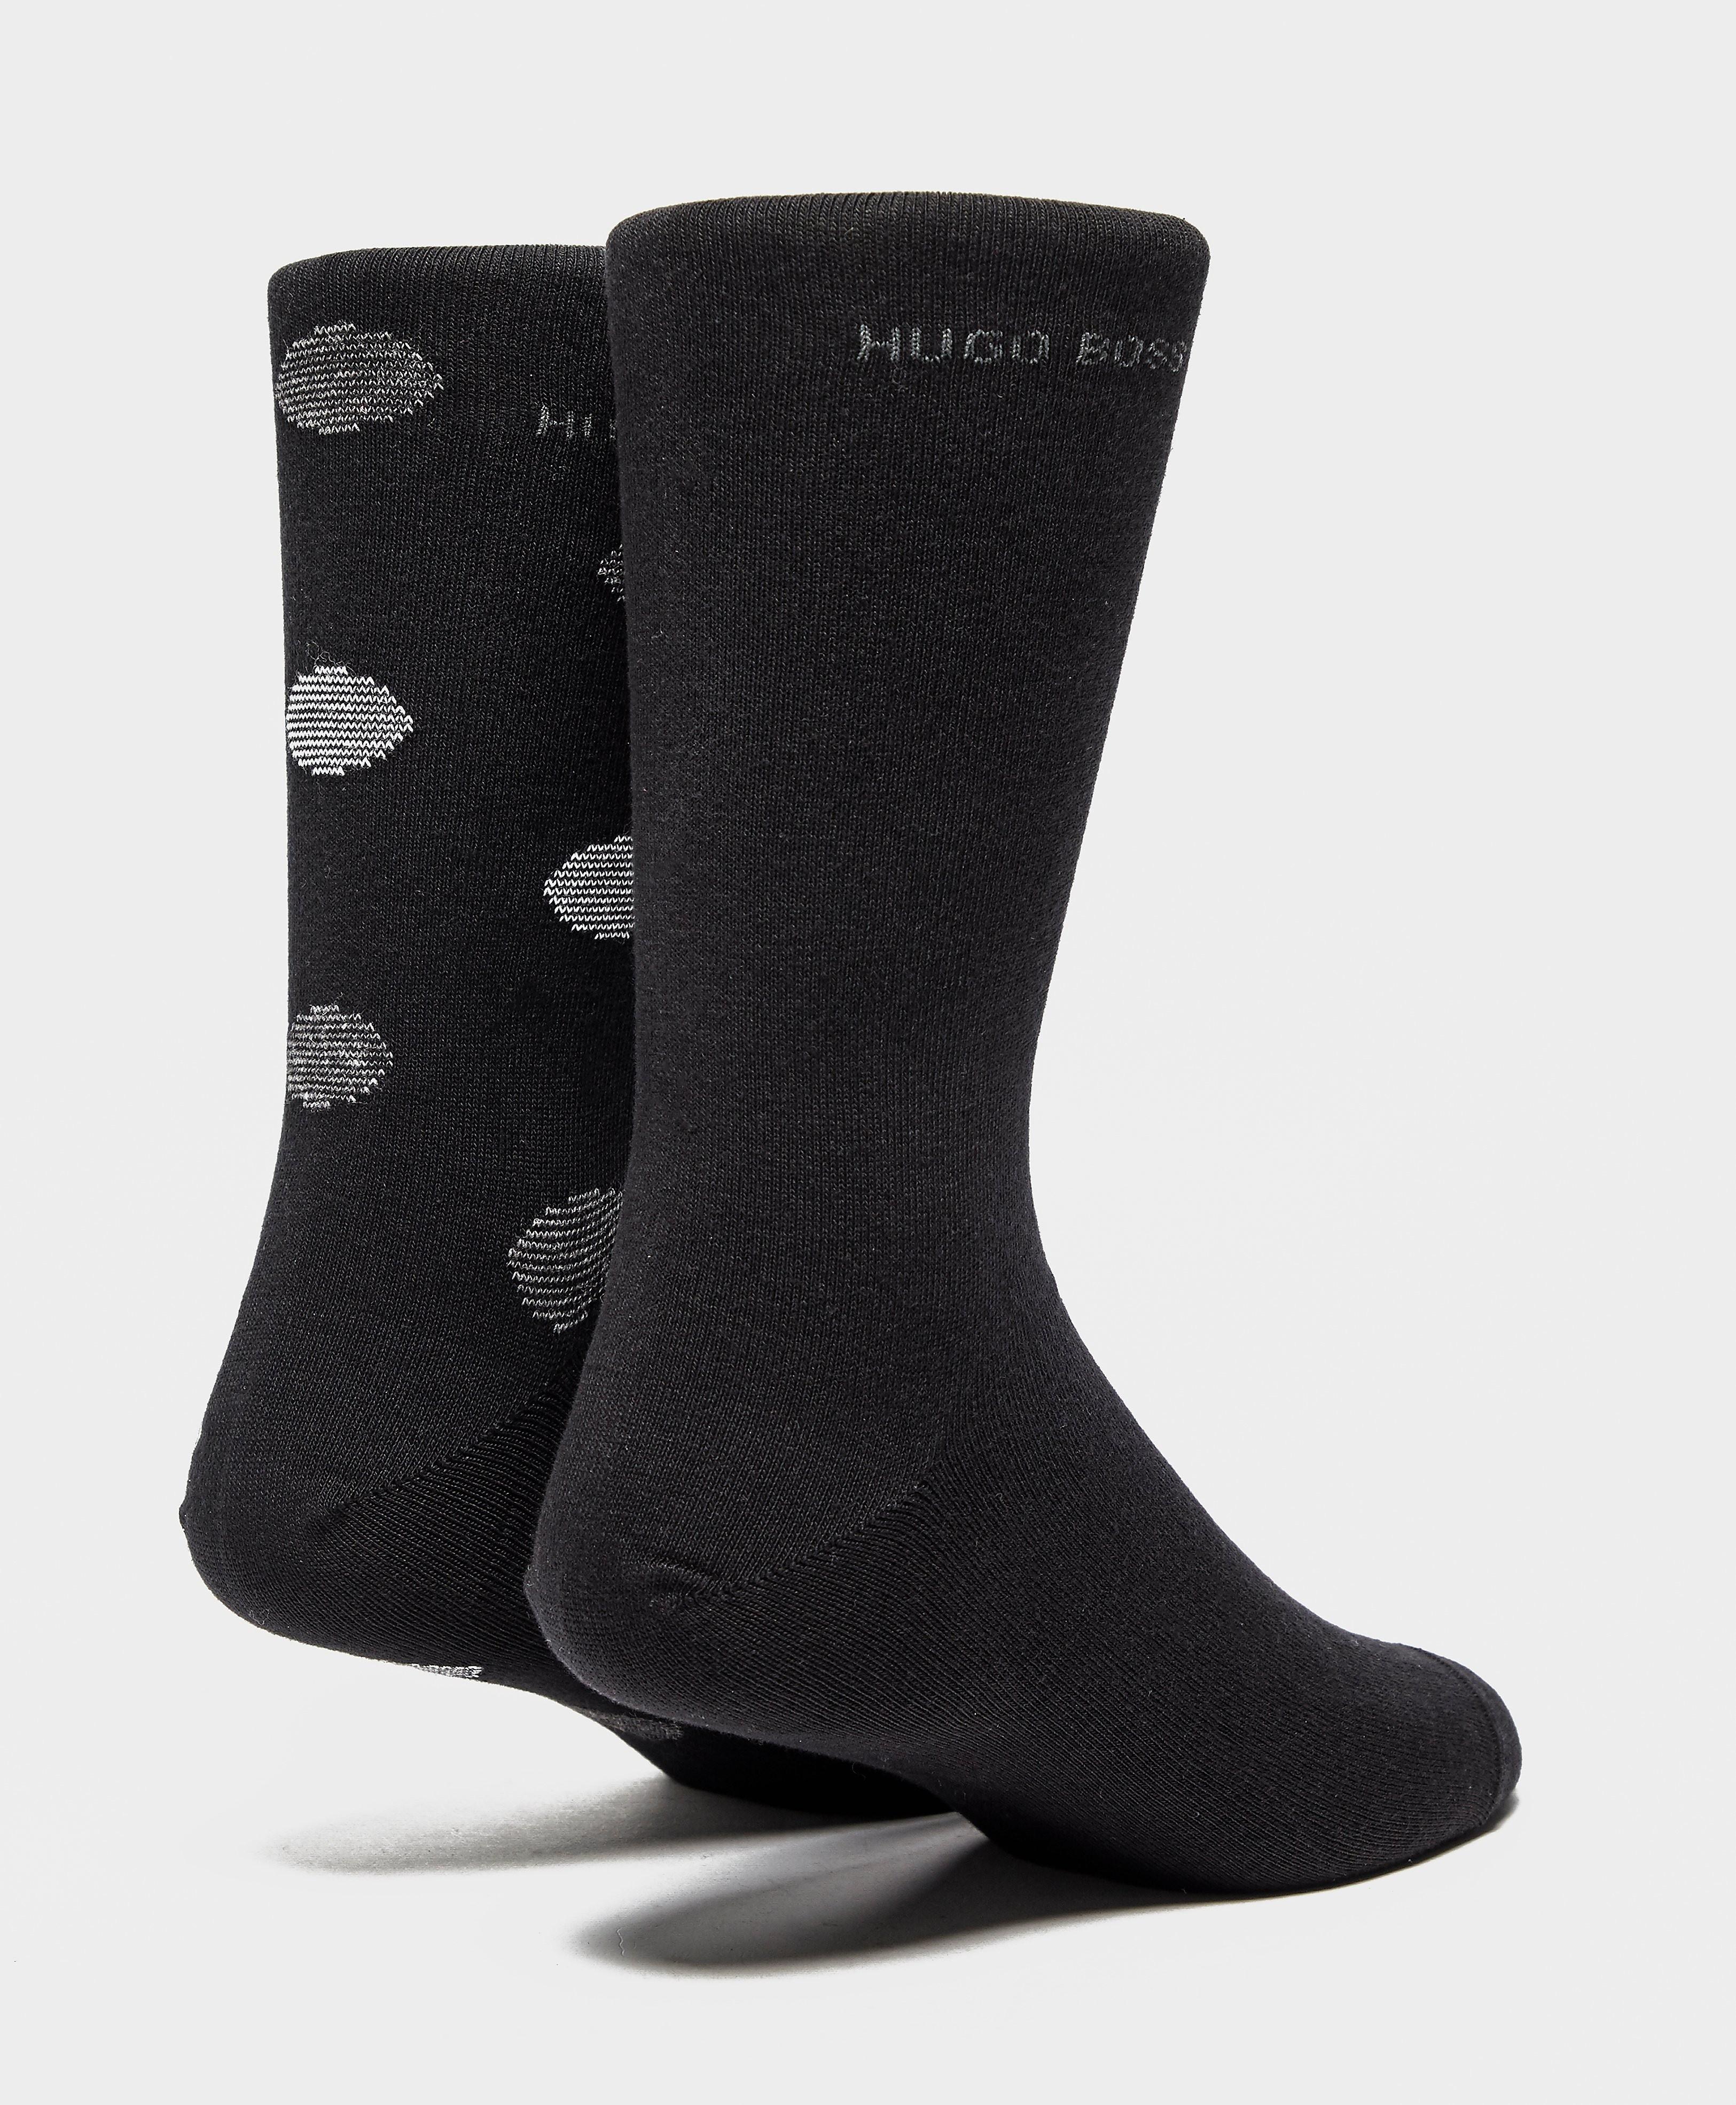 BOSS 2 Pack Spot Socks